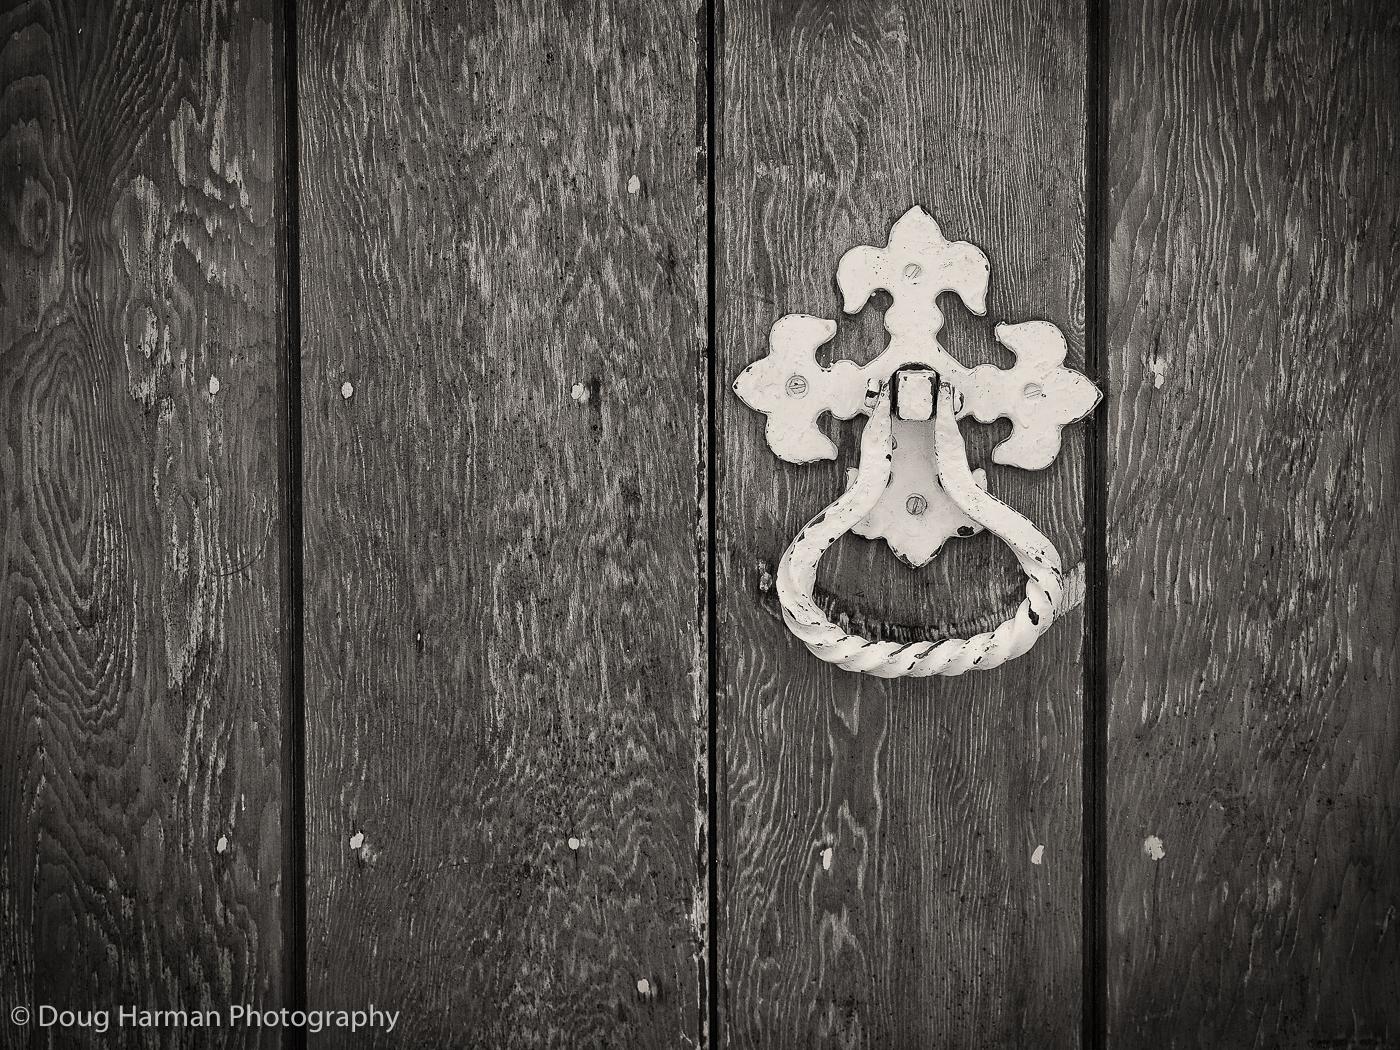 A door knocker on a wooden door. Enhanced in NIK's Silver Efex Pro.